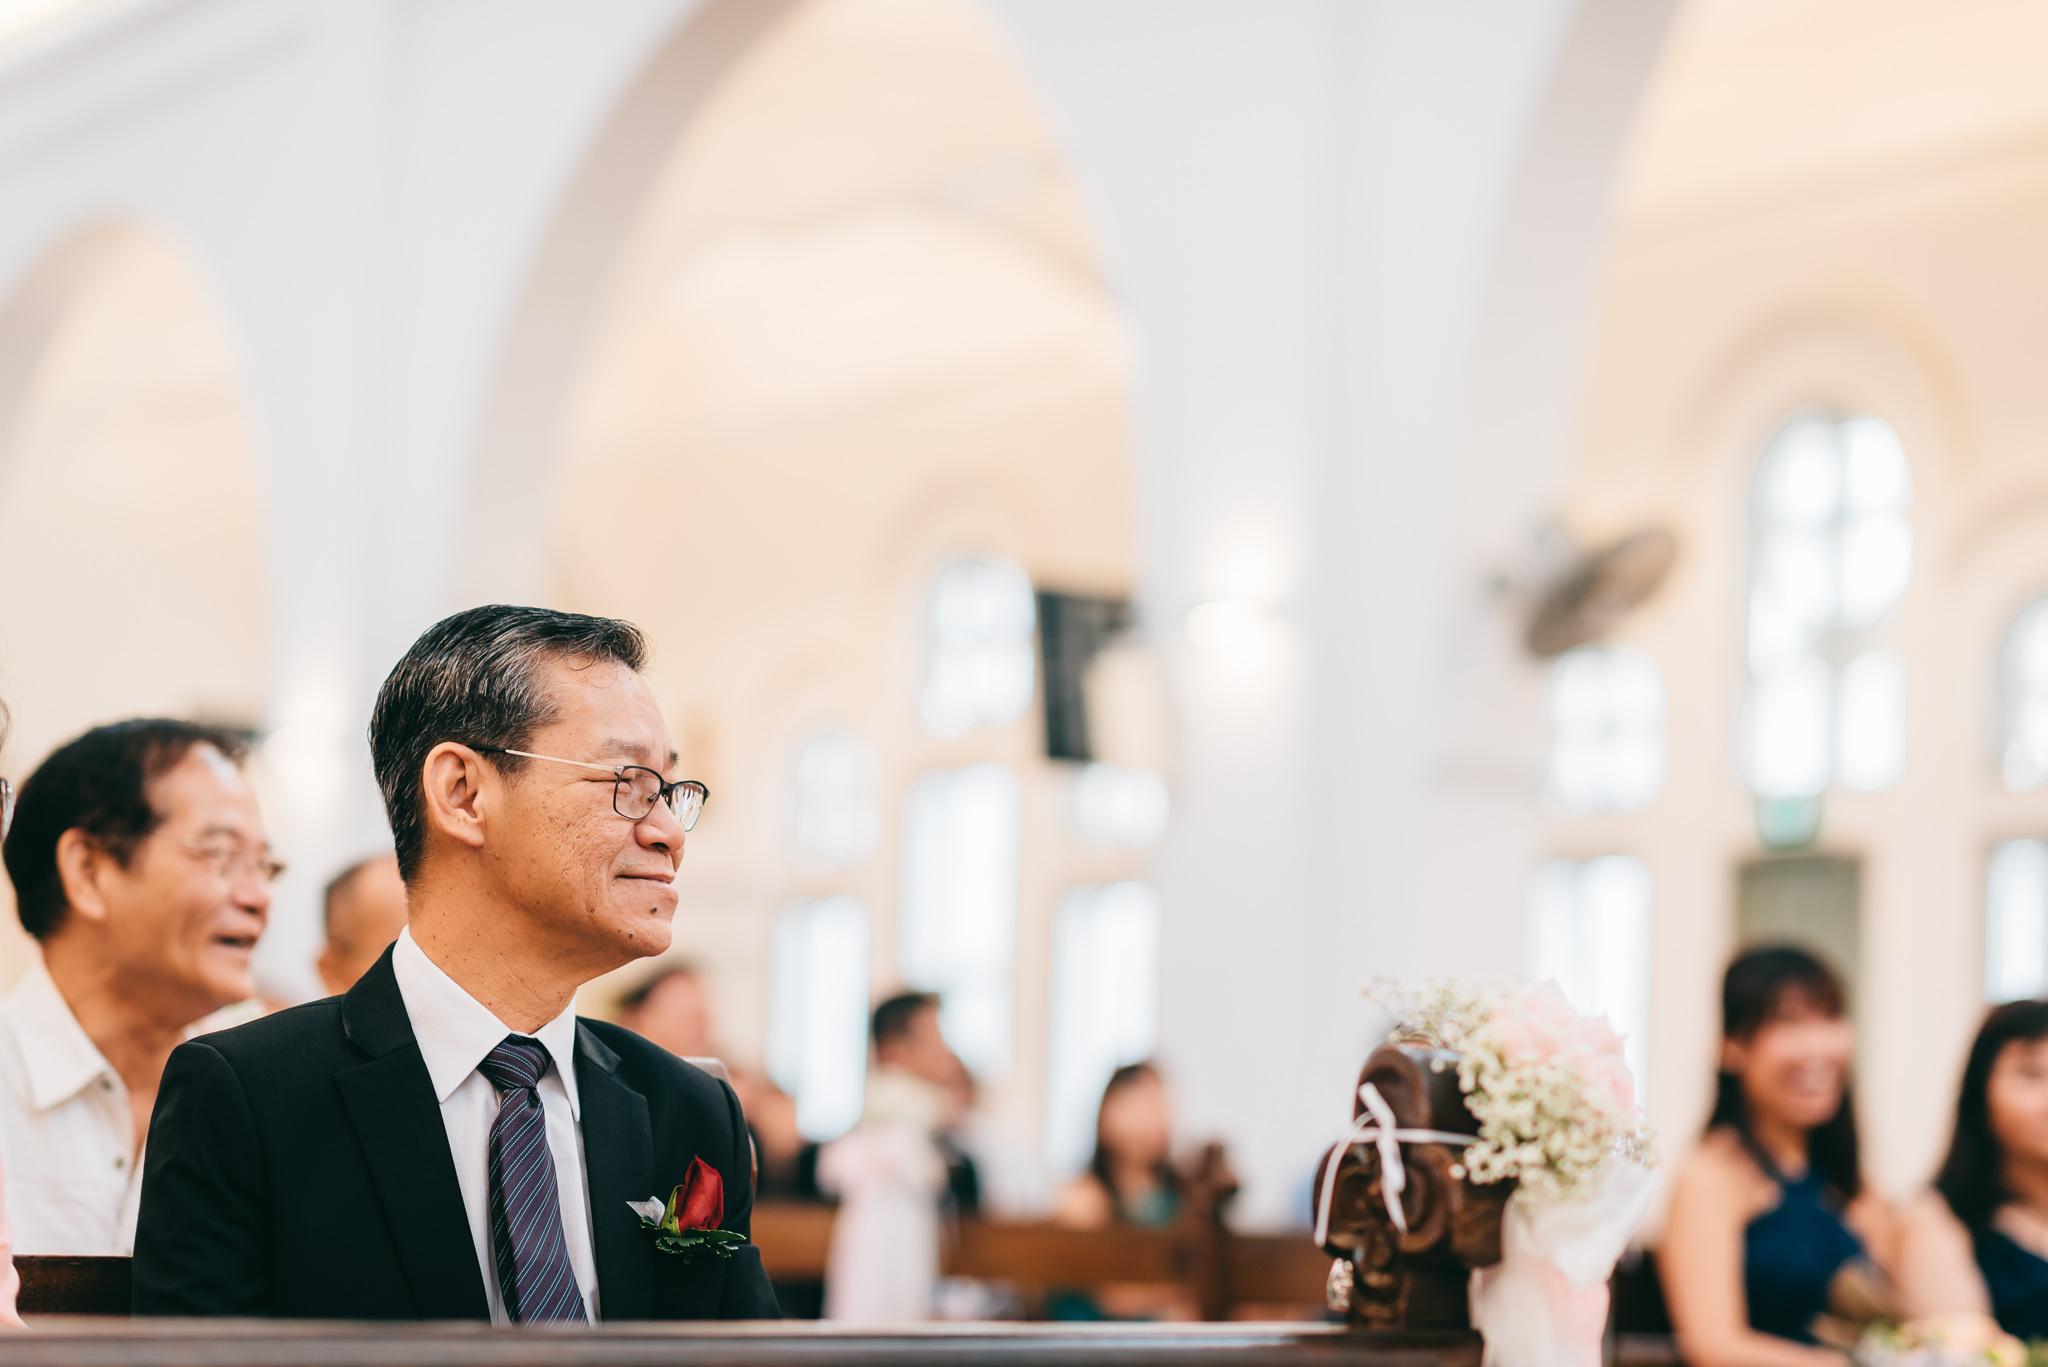 Lionel & Karen Wedding Day Highlights (resized for sharing) - 096.jpg